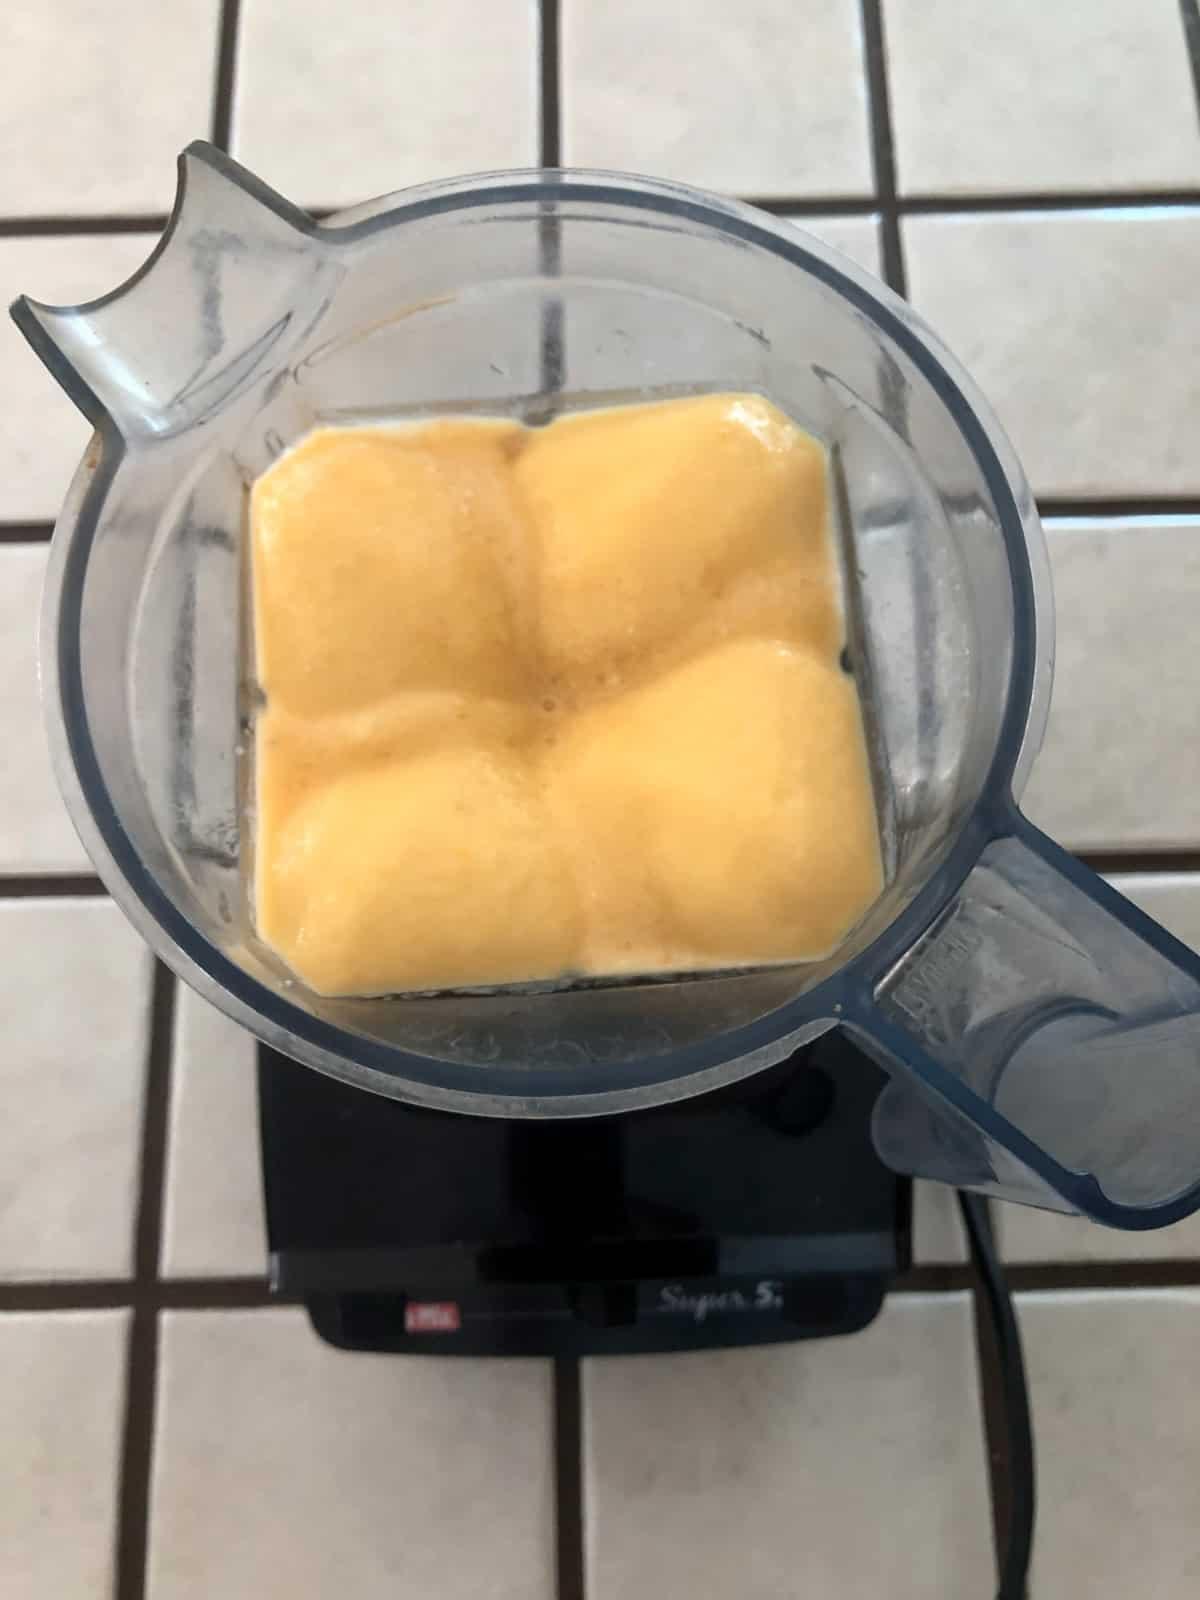 Frozen papaya dessert in Vitamix blender container.